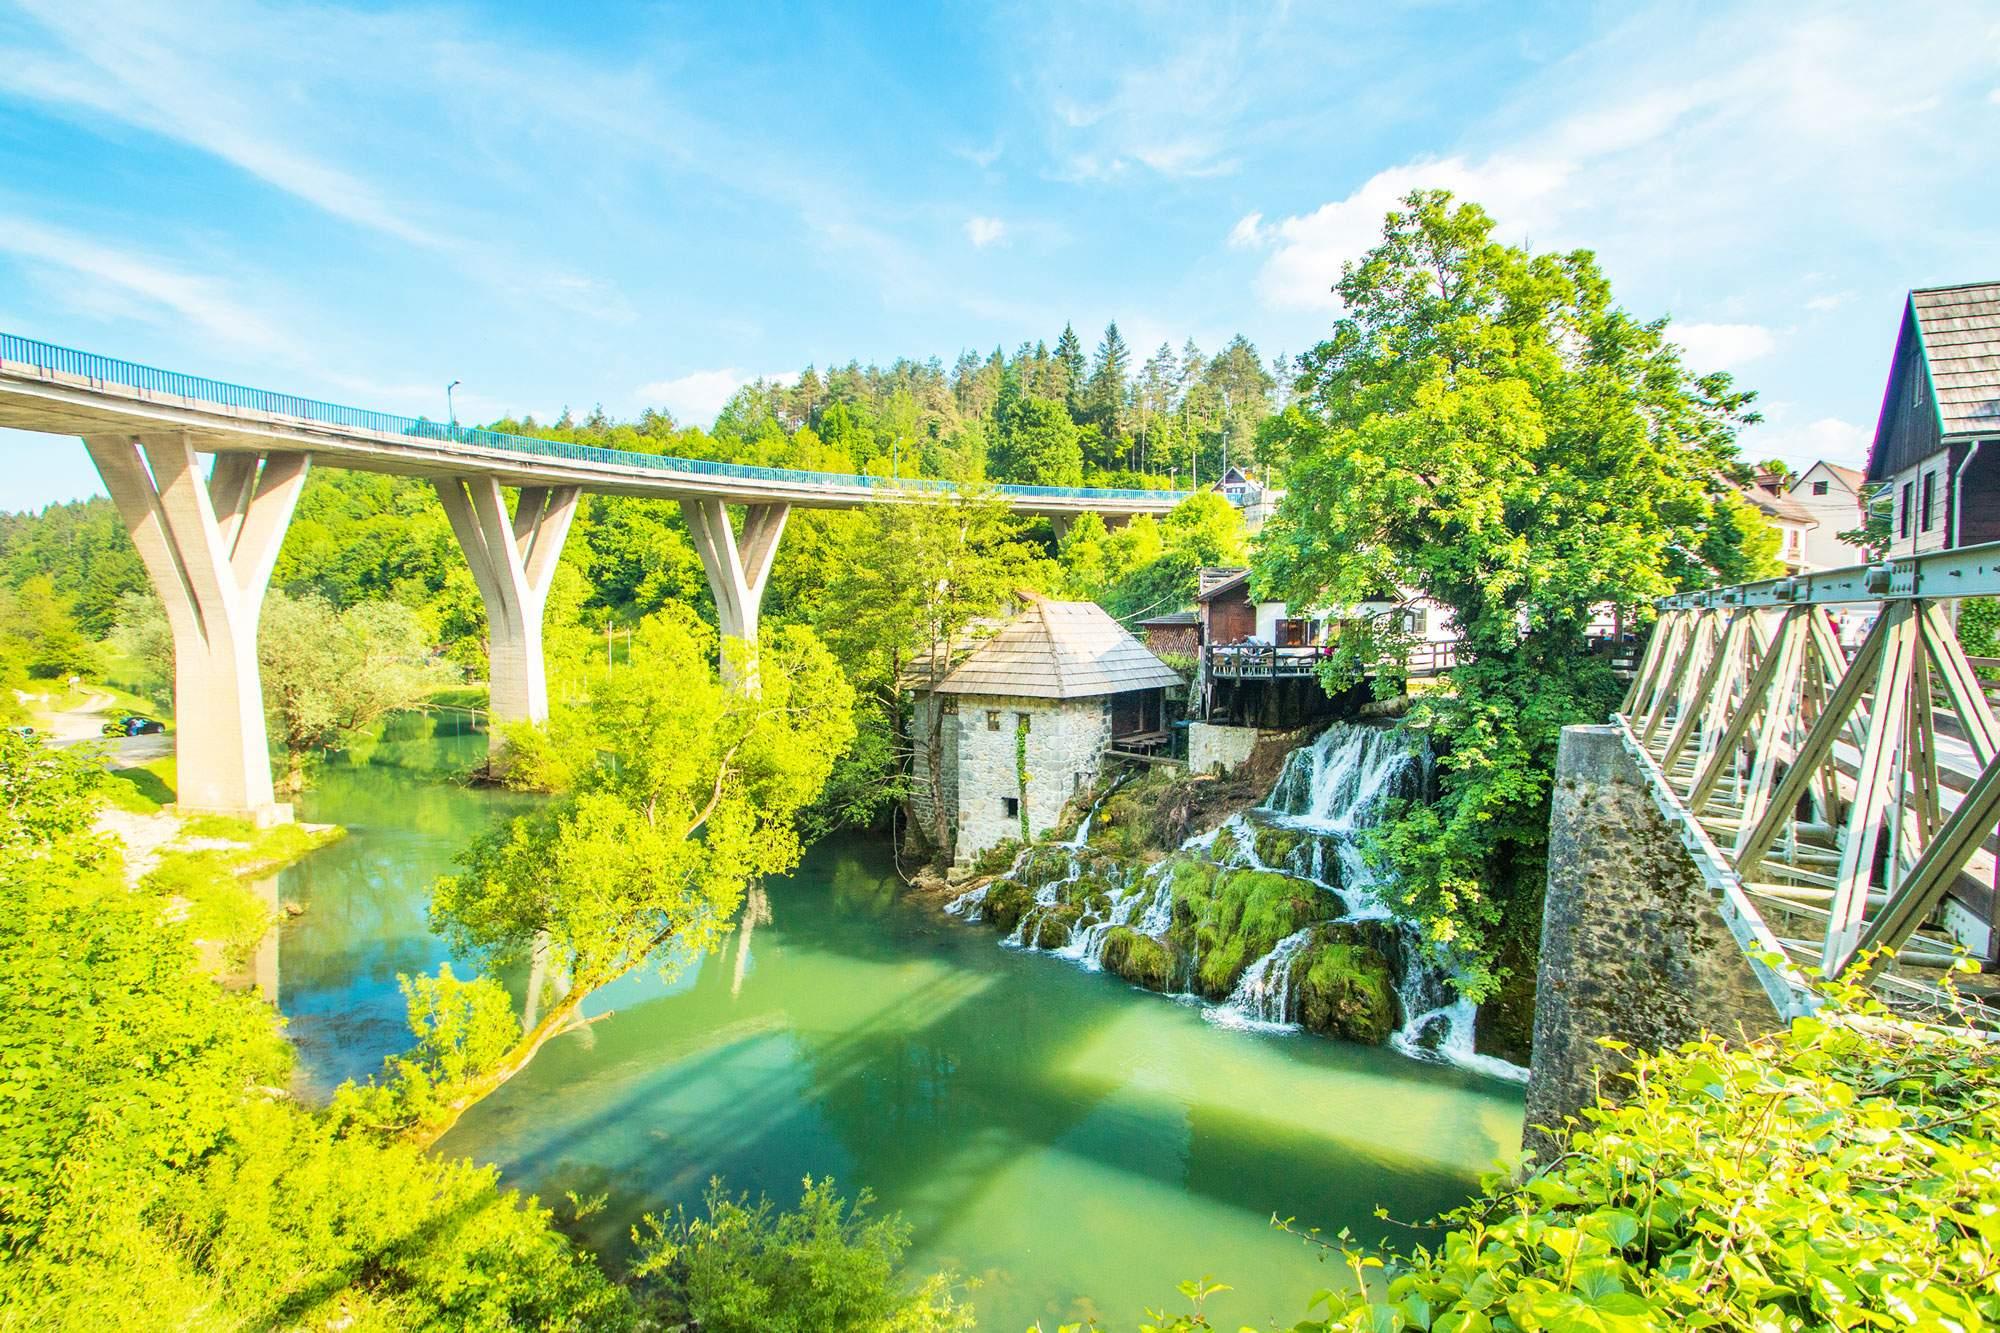 rastoke-croatia-bridge-village-town